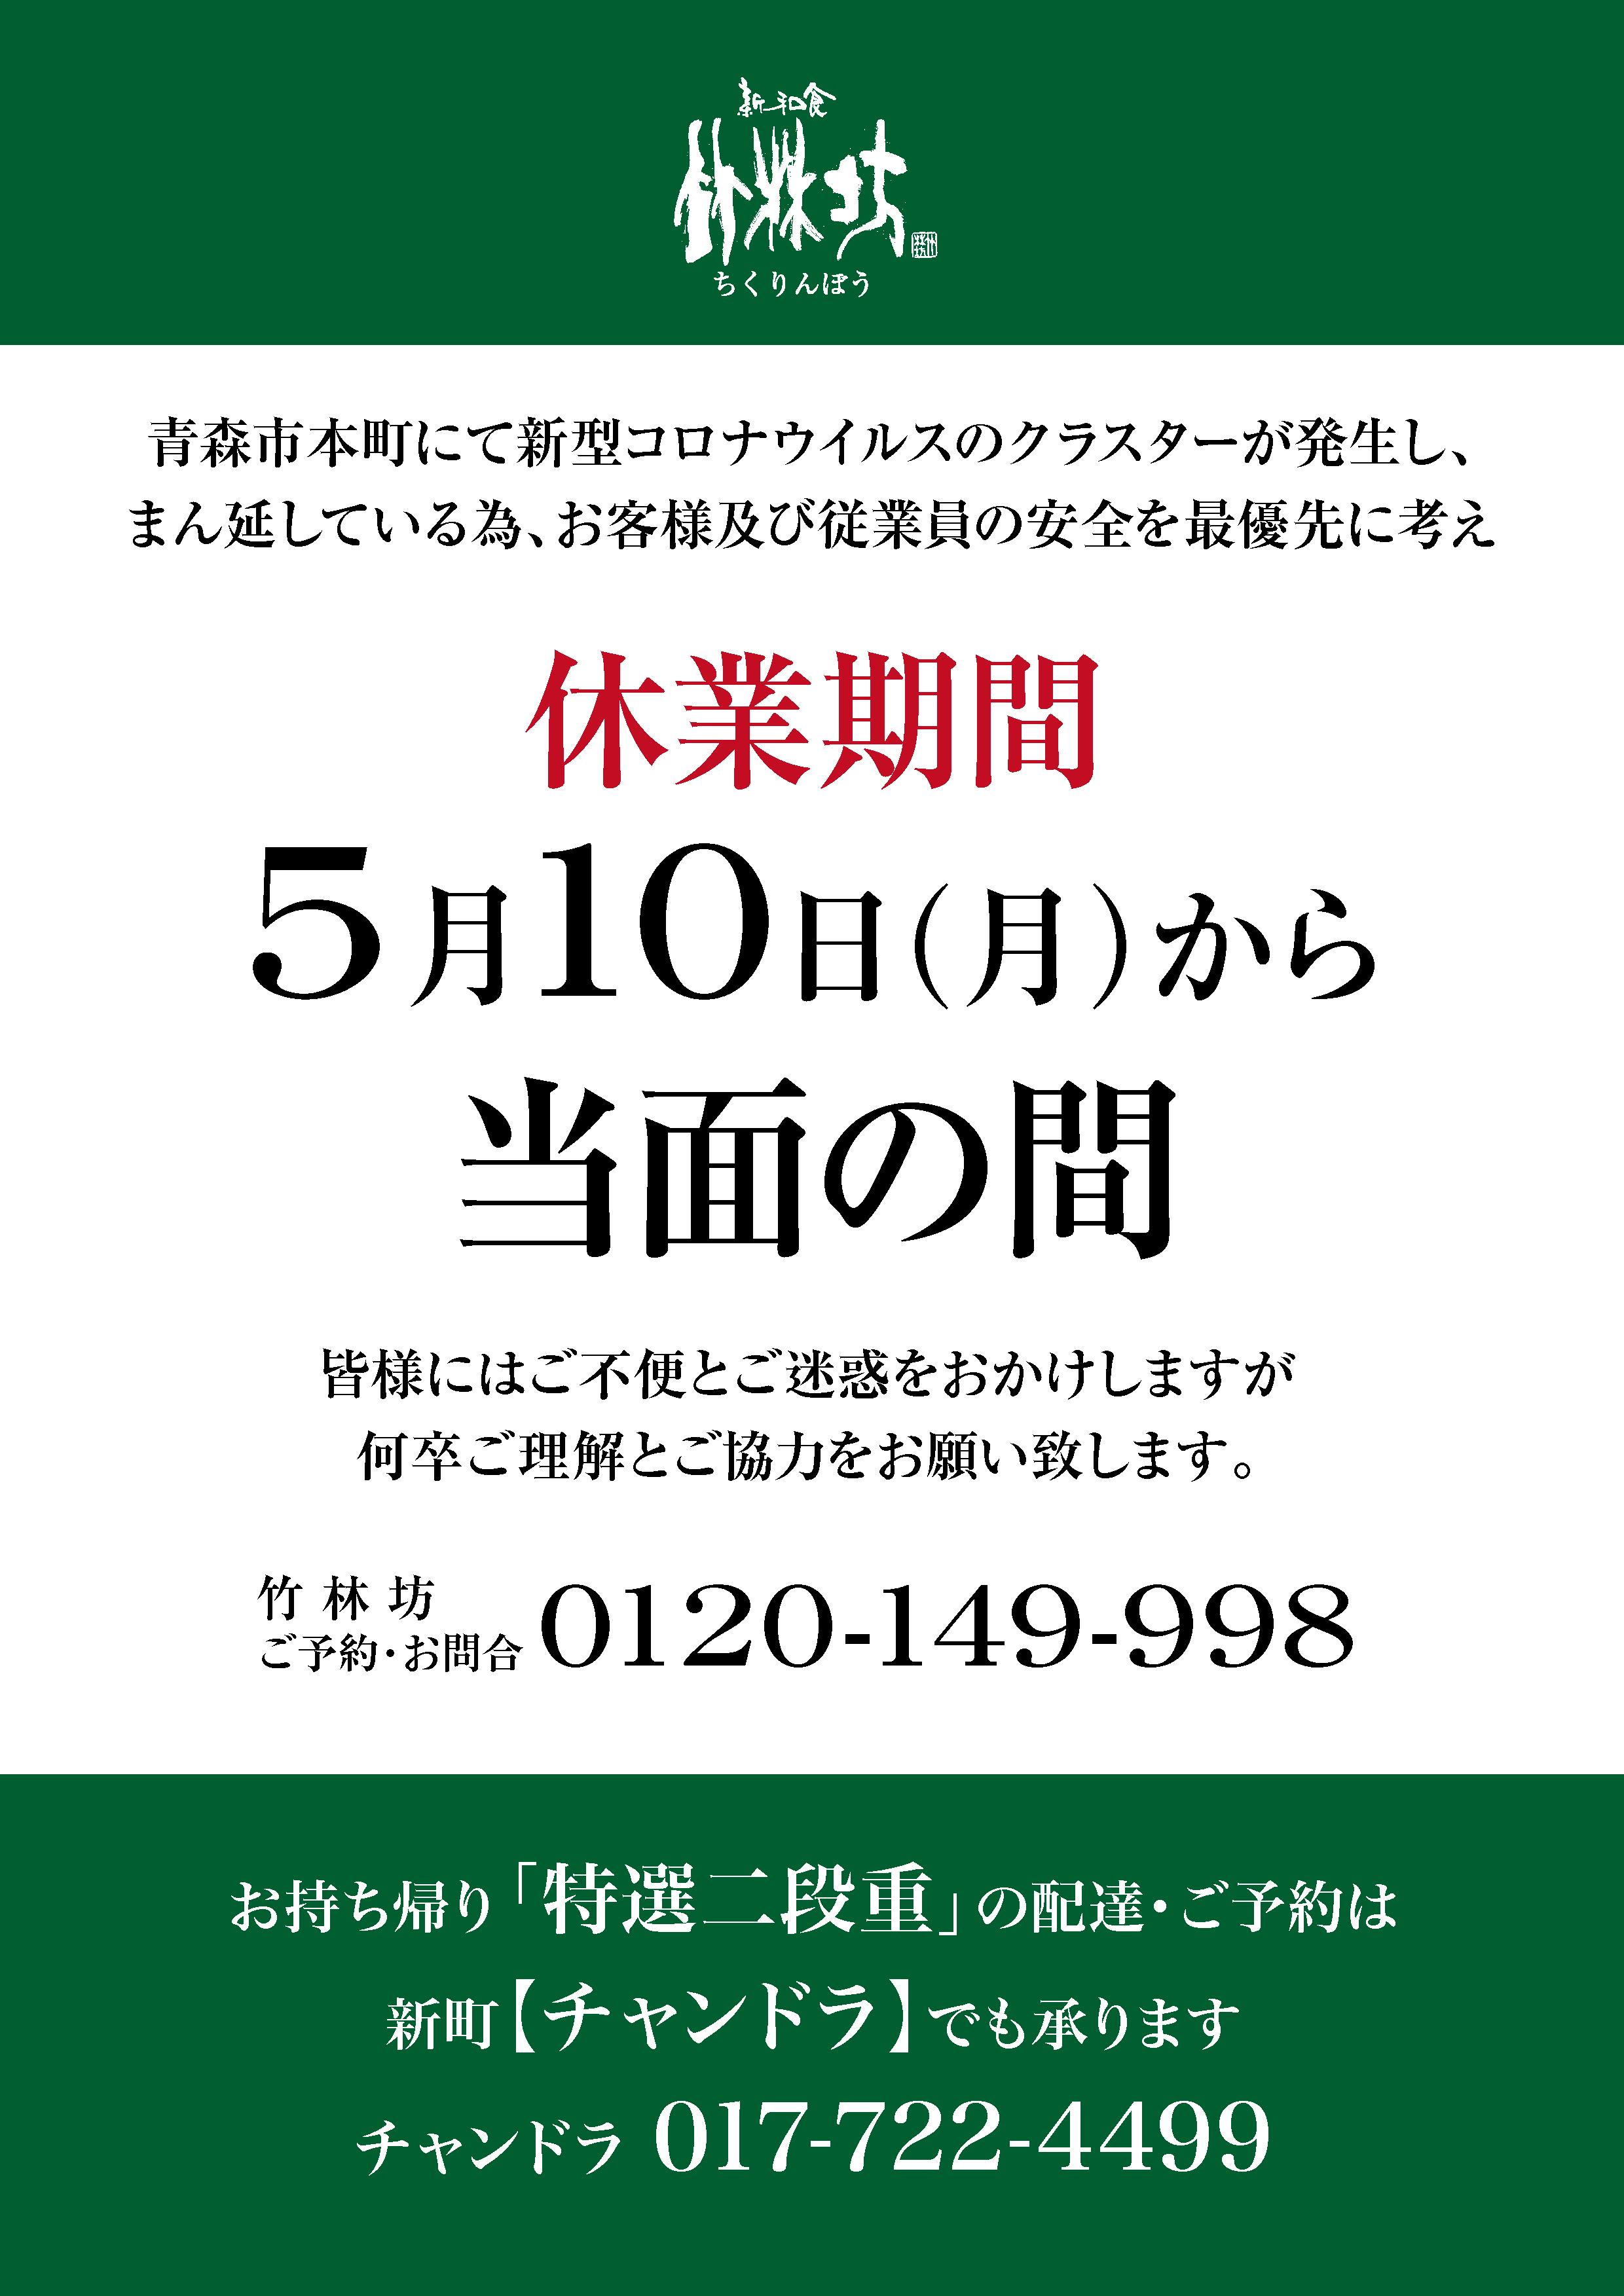 http://www.chikurinbou.com/news/topics/images/210506%E7%AB%B9%E6%9E%97%E5%9D%8A%E6%99%82%E7%9F%AD%E5%96%B6%E6%A5%AD4.jpg